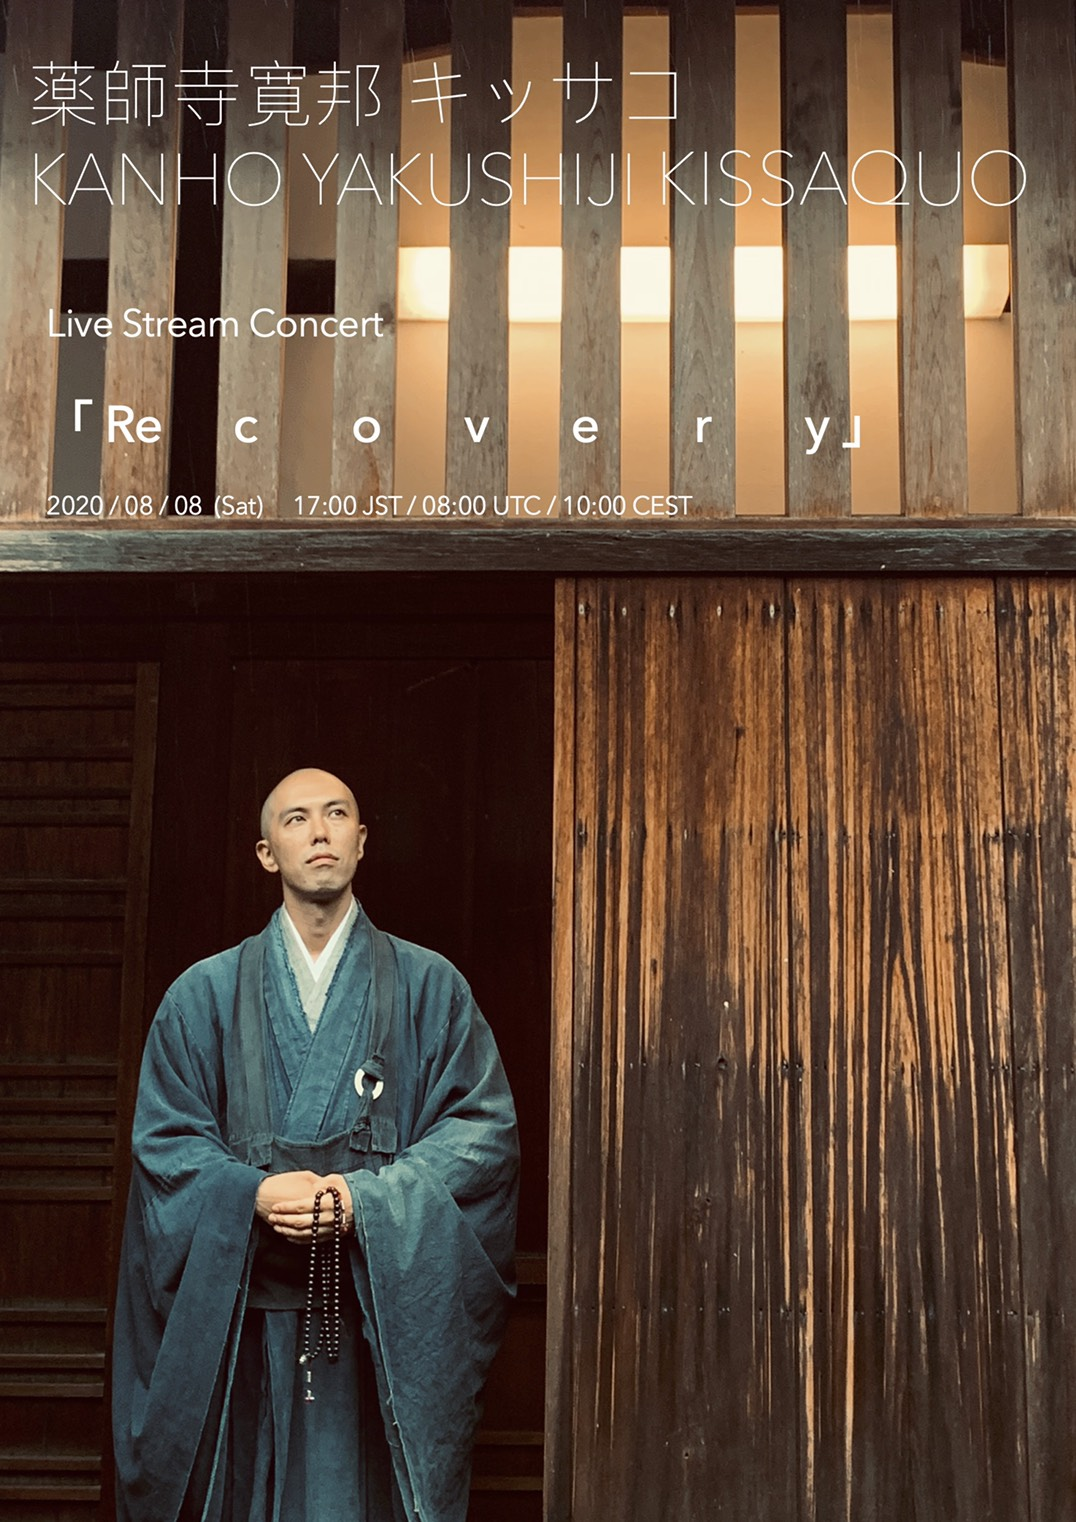 【京都】薬師寺寛邦キッサコ Kanho Yakushiji Kissaquo Live Stream Concert「Recovery」【配信ライブ】